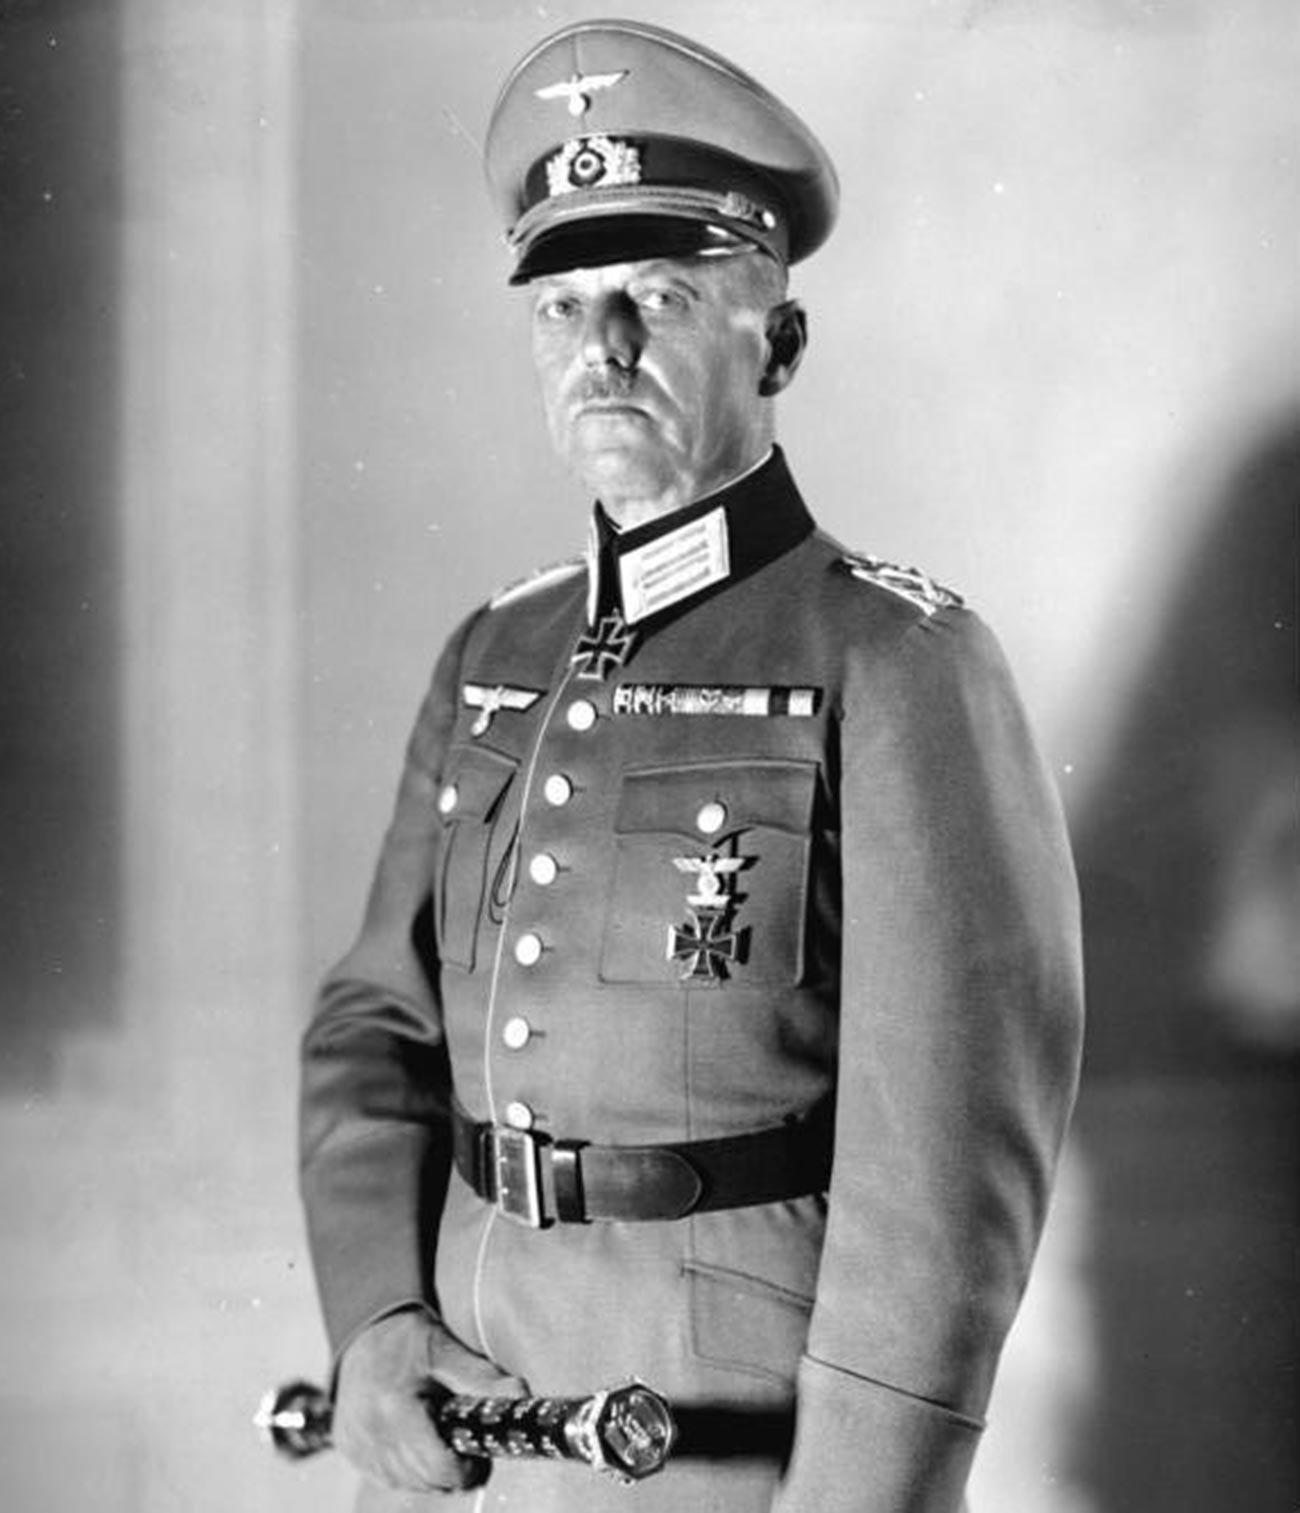 Marechal de campo Gerd von Rundstedt